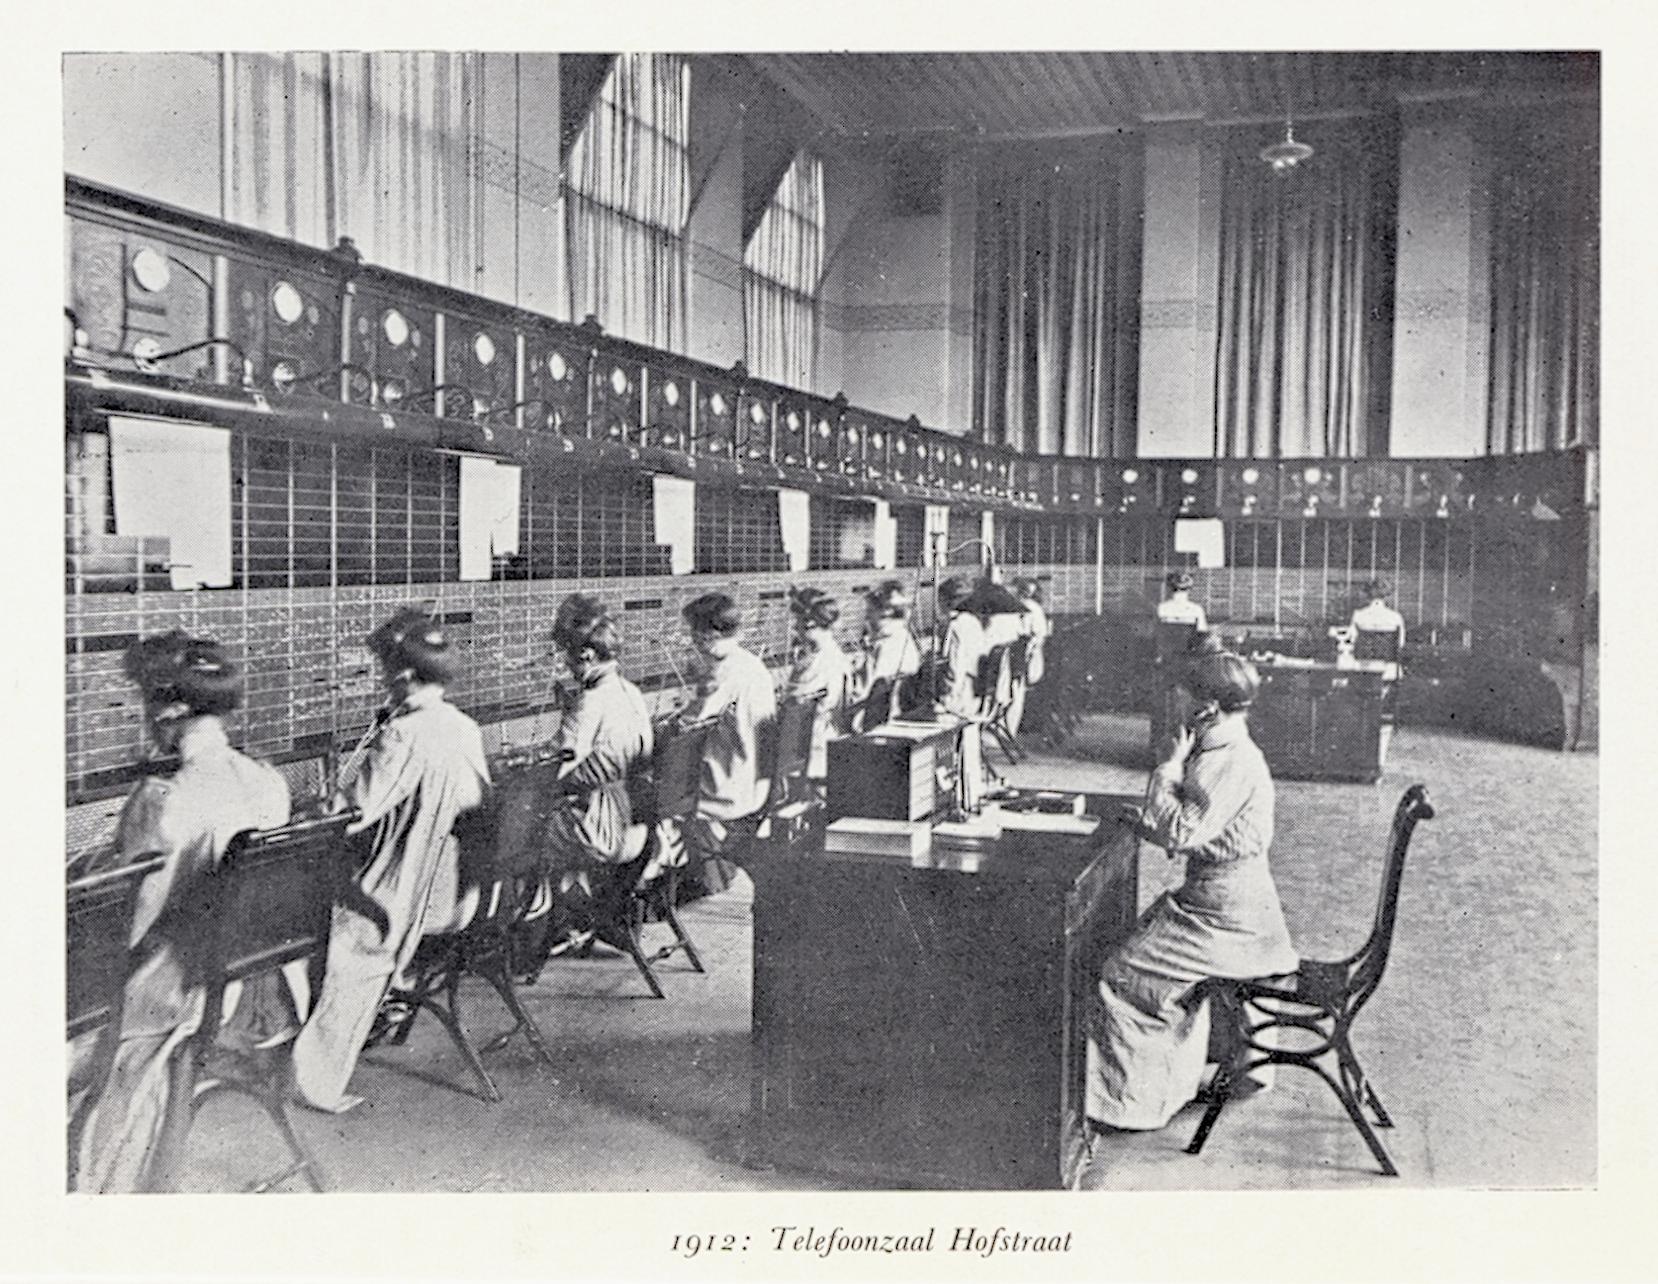 H03a-25 b Telefoonzaal Hofstraat 1912